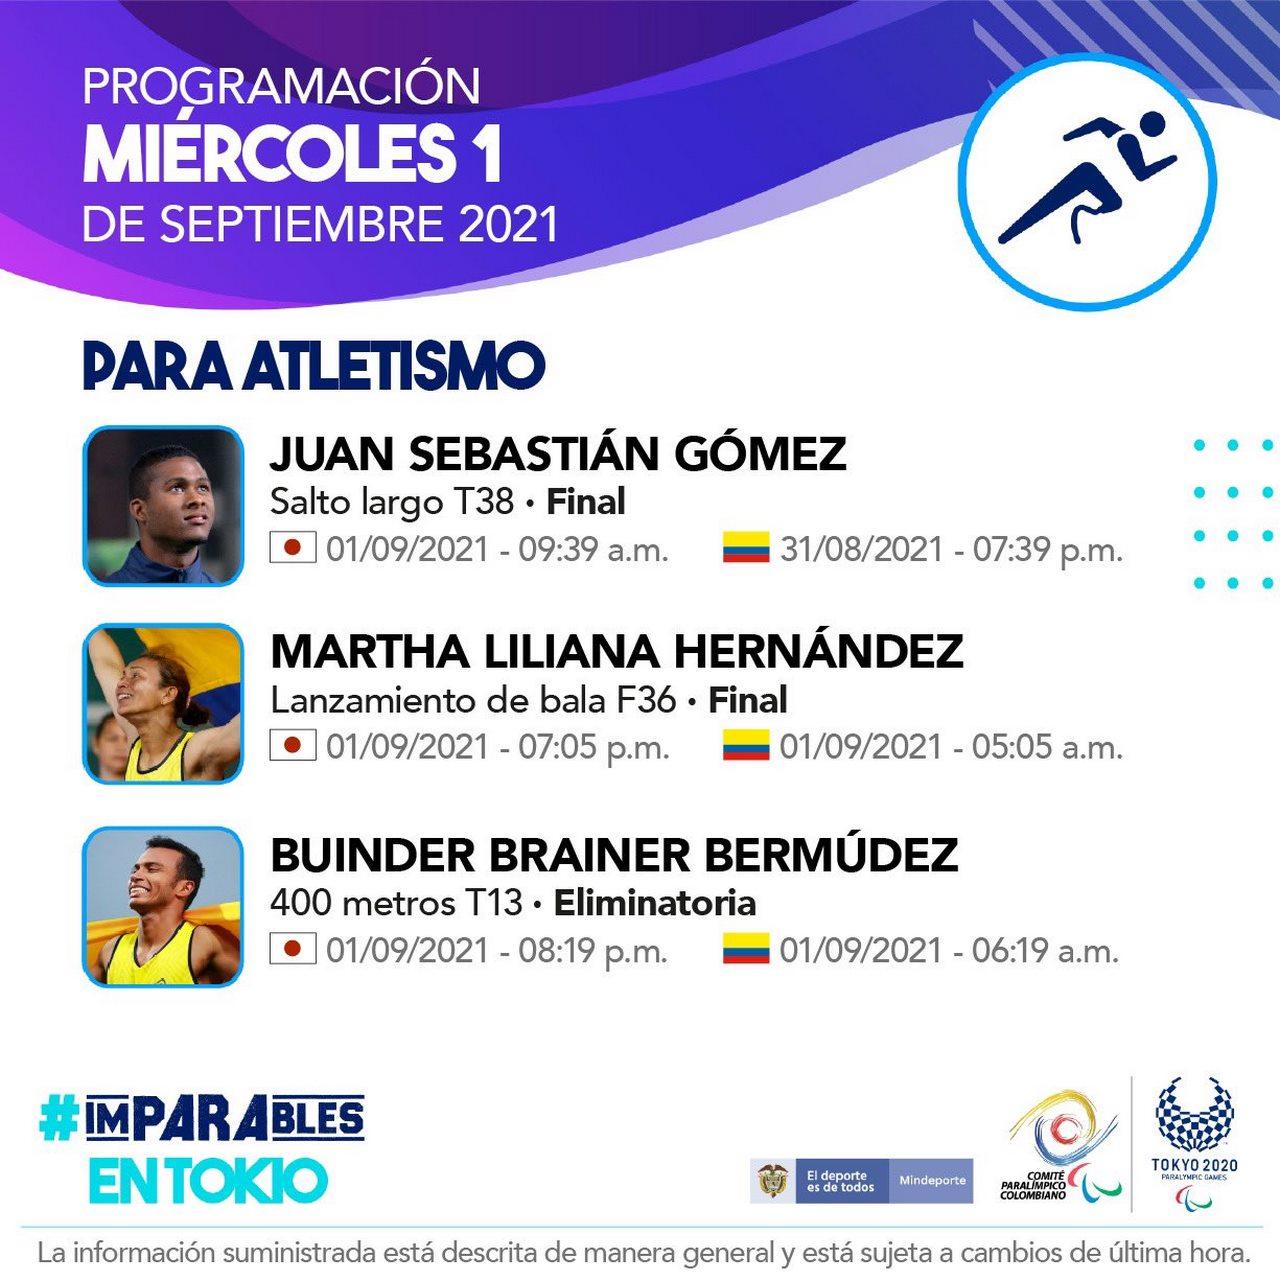 Programacion deportistas colombianos en la octava jornada de los Juegos Paralimpicos 1